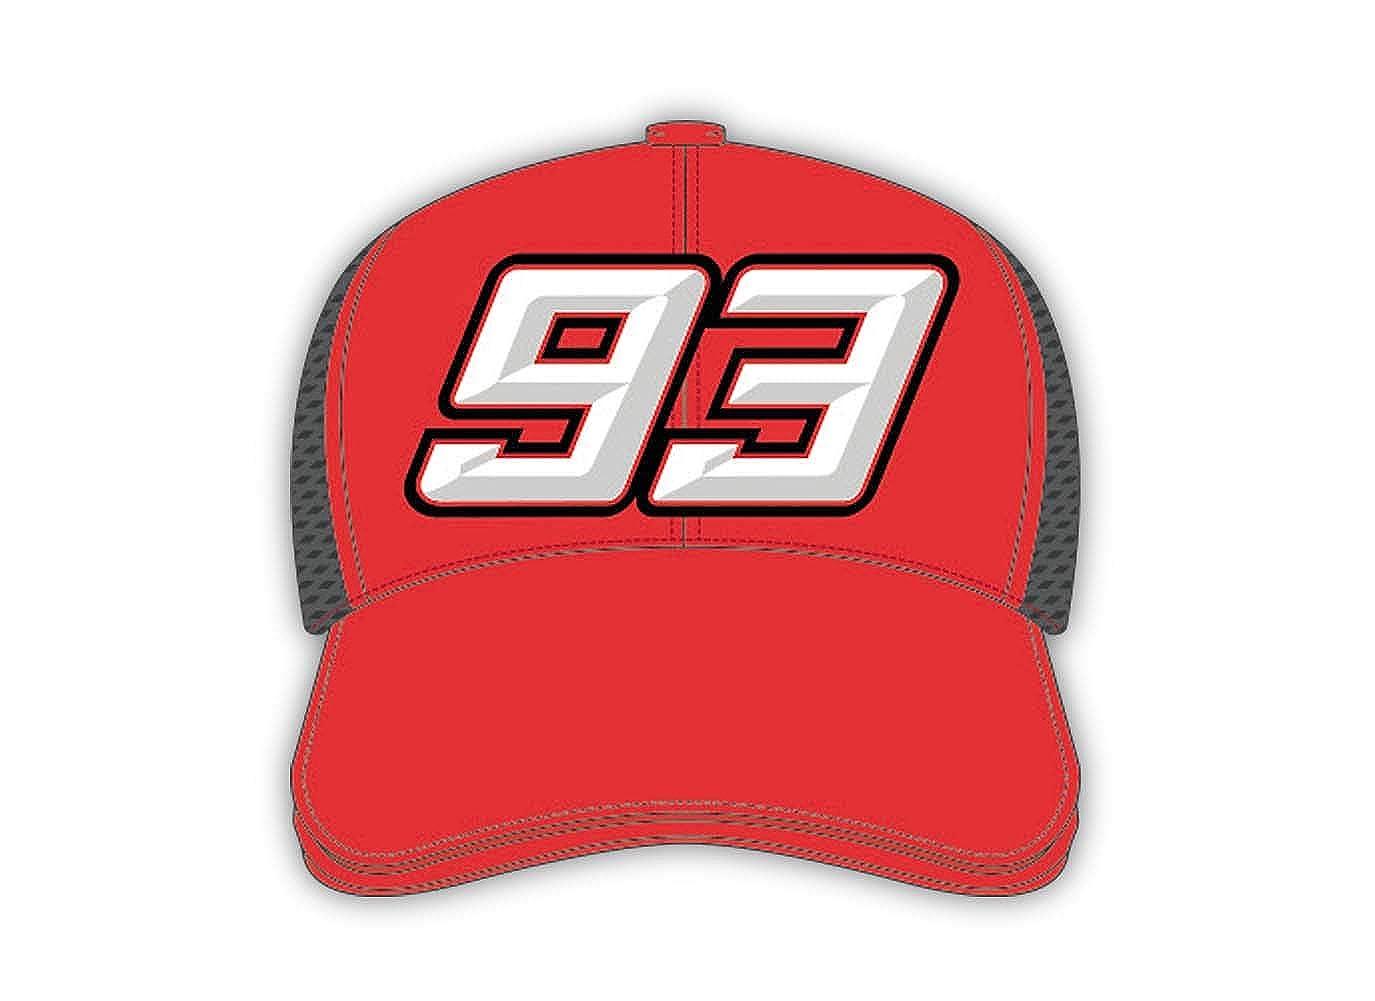 Gorra Marc Marquez - Camionero Big 93 Rojo: Amazon.es: Ropa y ...